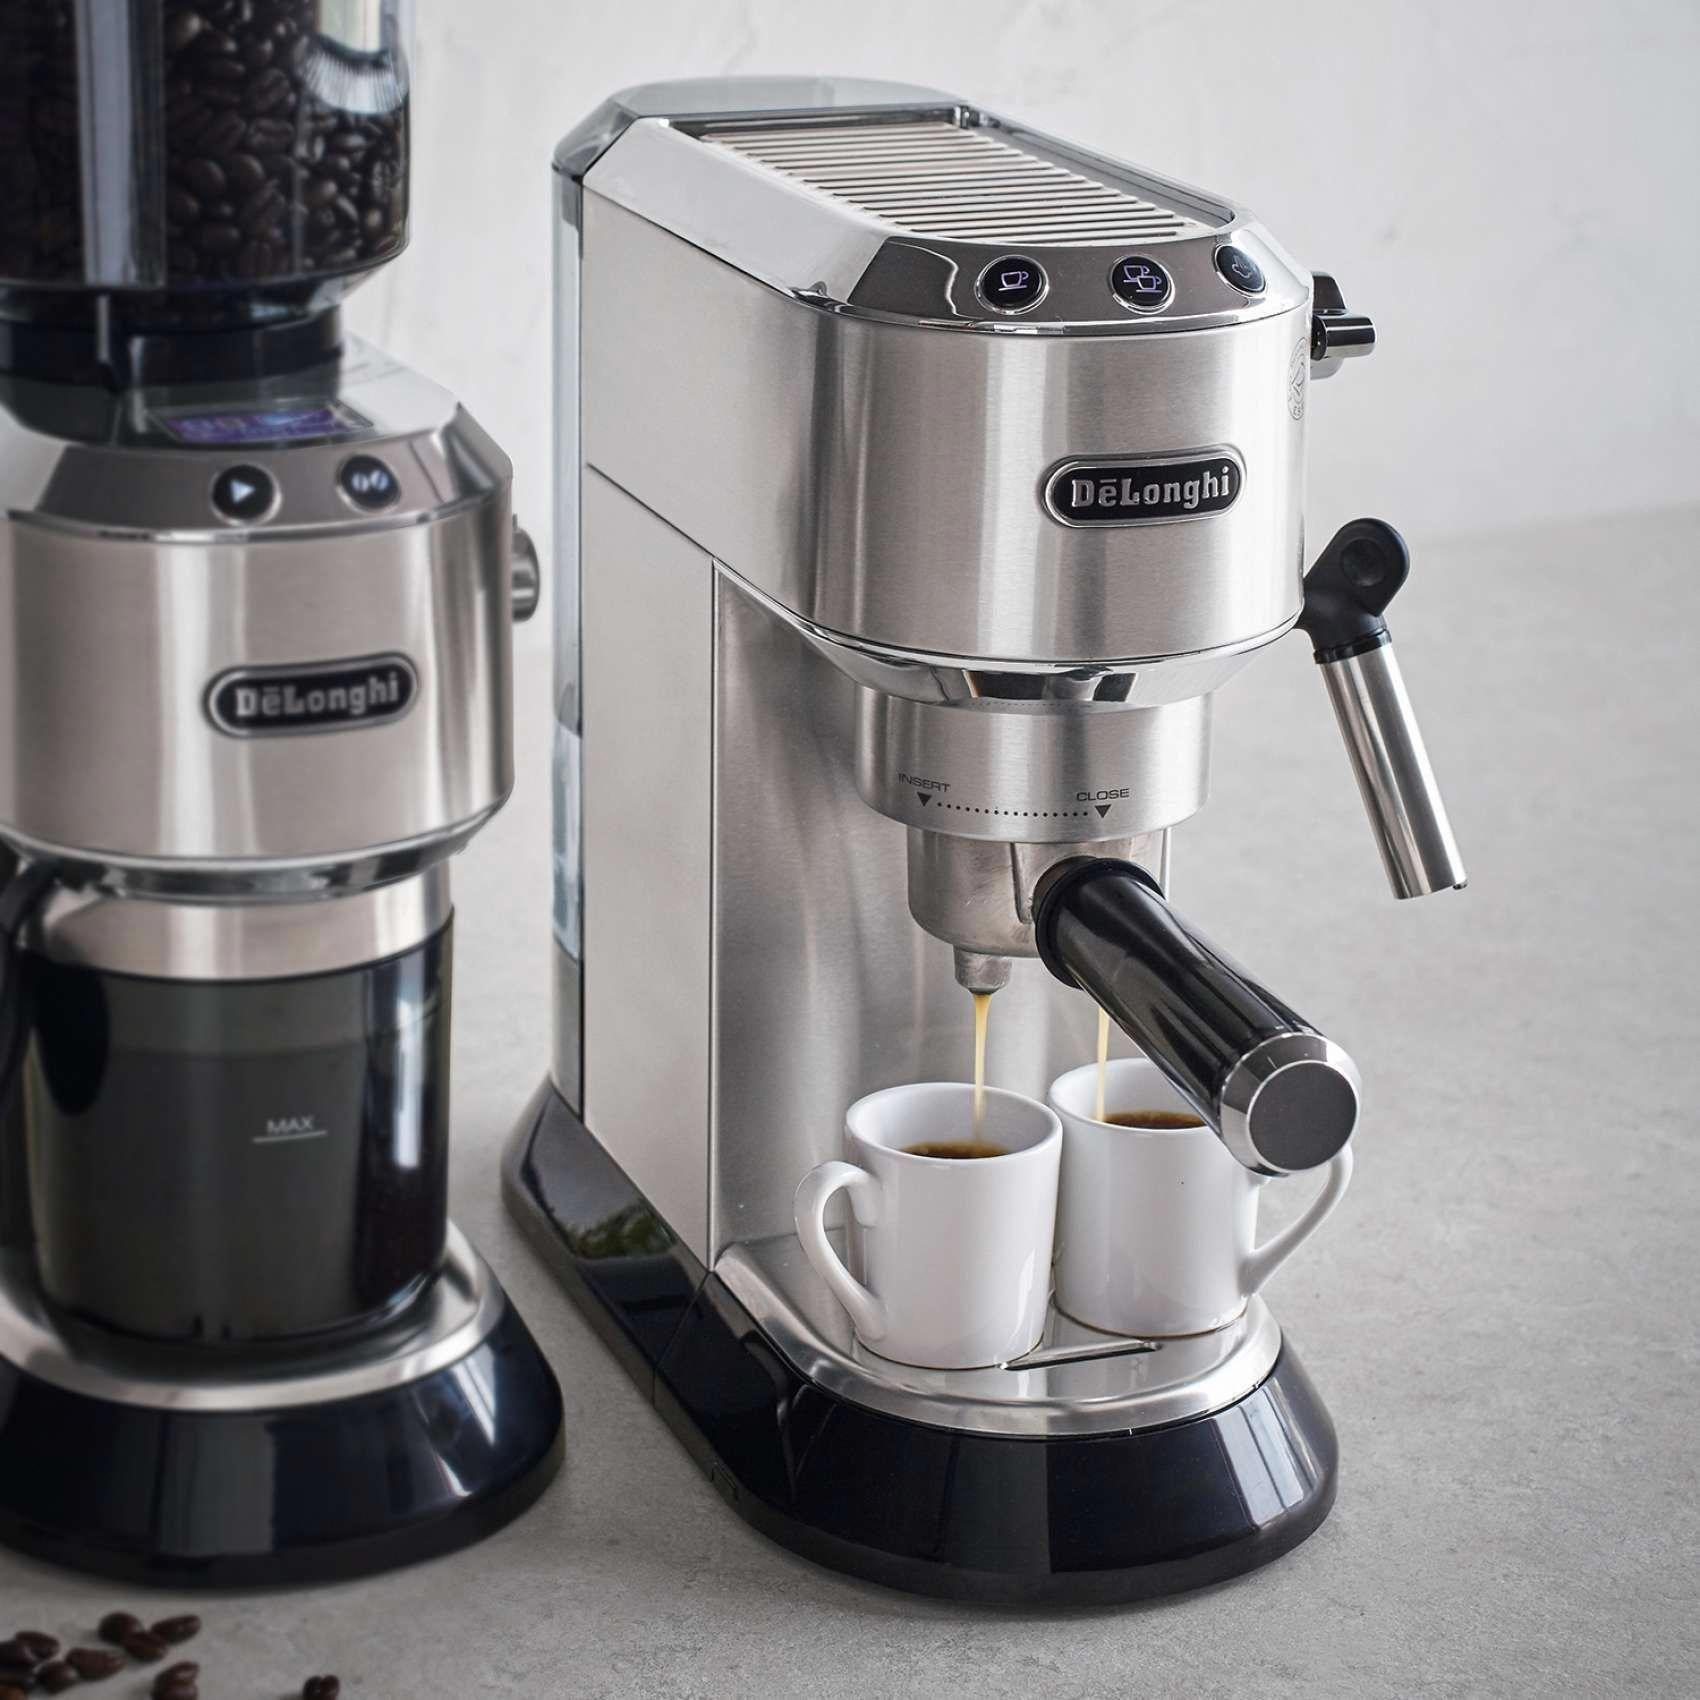 De'Longhi Dedica Pump Espresso Machine Sur La Table